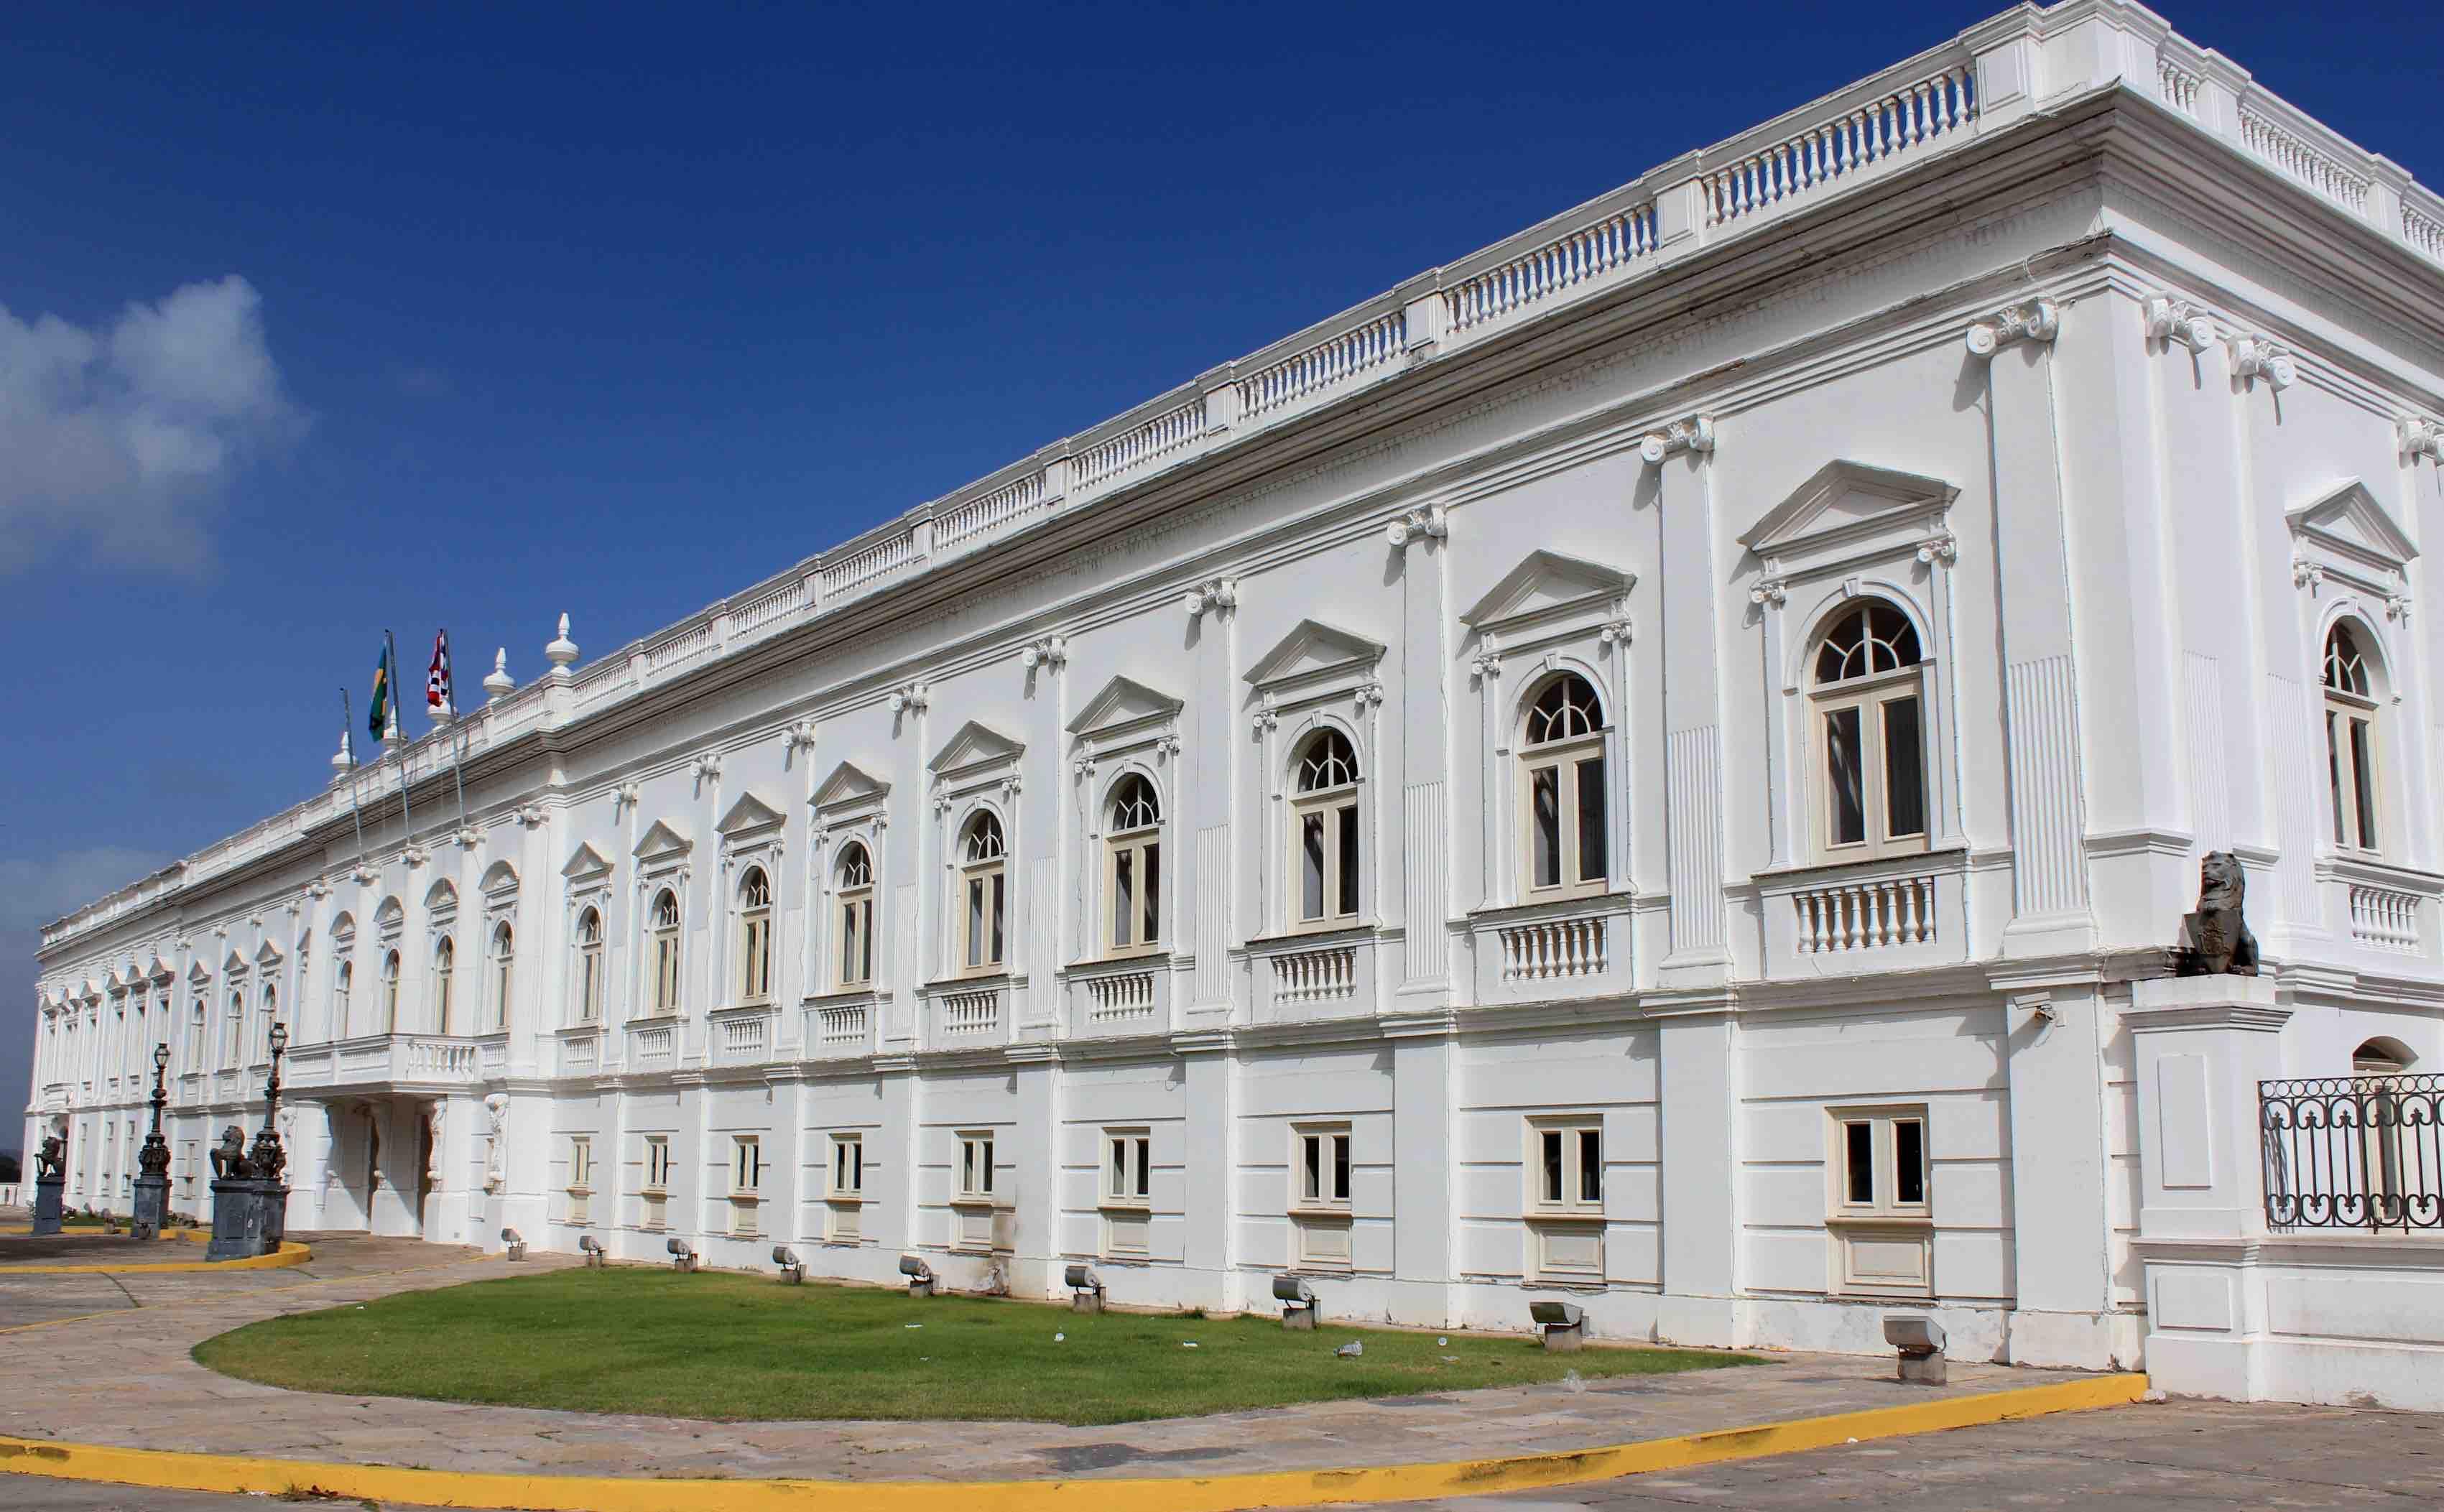 Foto frontal da sede do governo do Maranhão, Palácio dos Leões.